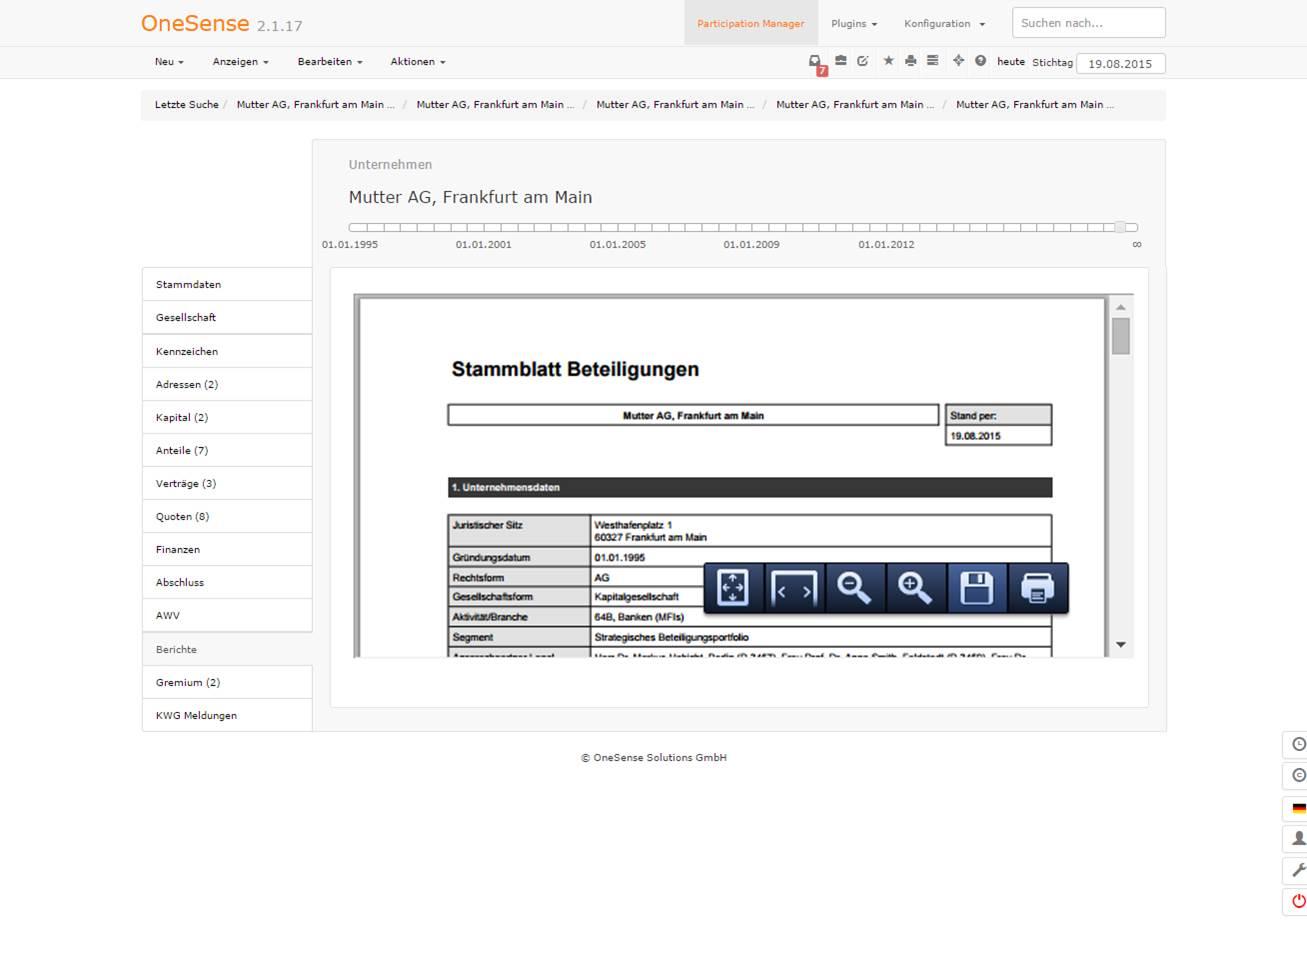 OneSense integrierter Report